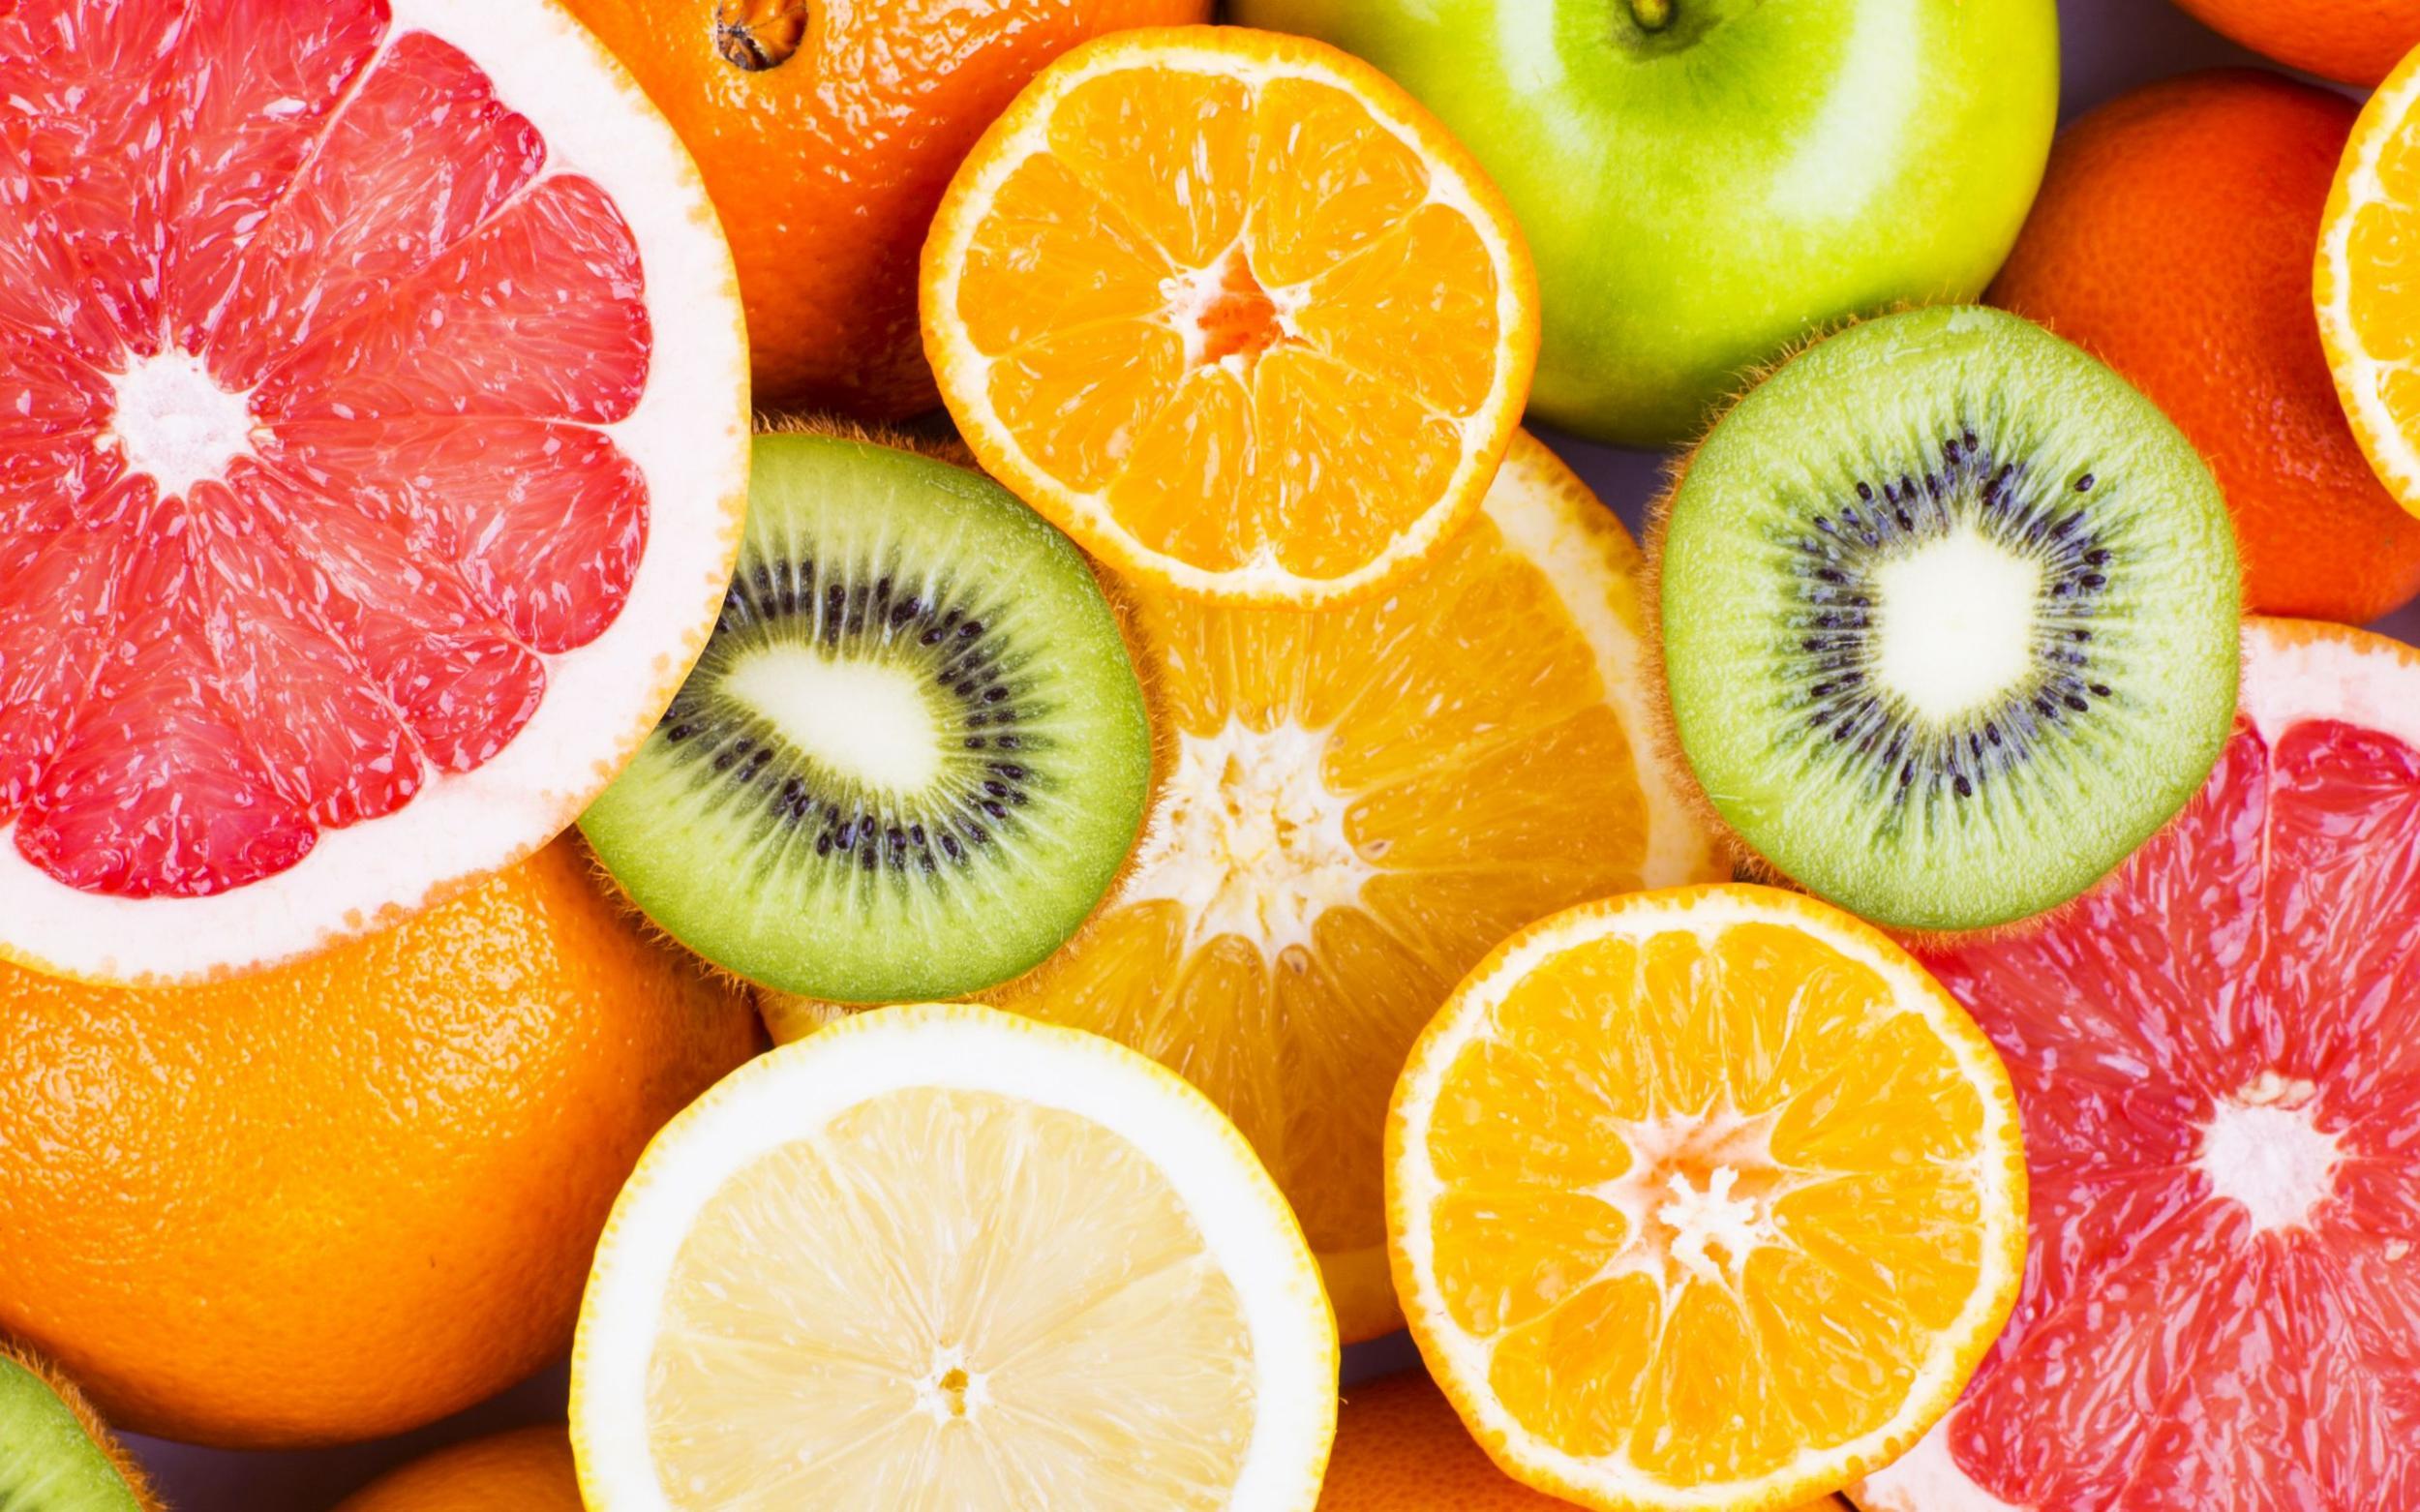 """【長城評論】今年的水果為什么貴?說好的""""水果自由""""呢"""